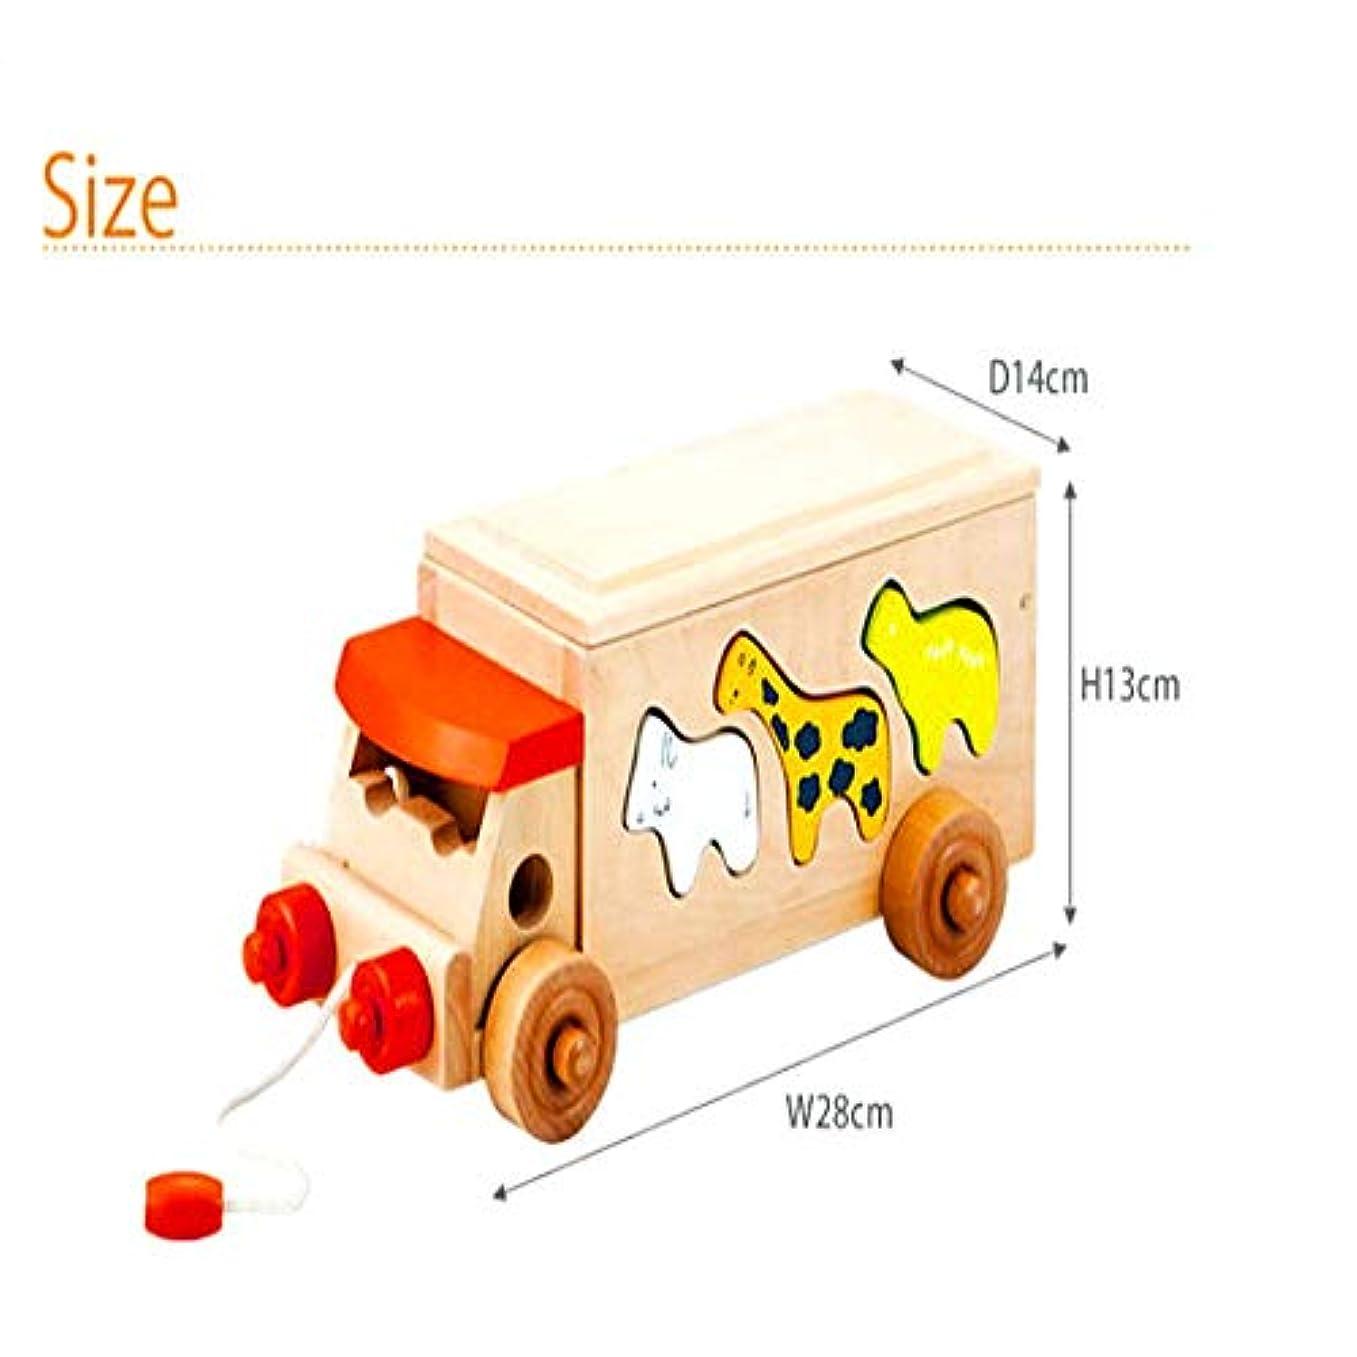 色和解するスキッパー積み木 子供3-12歳のバスのおもちゃハンズオントレーラービルディングブロックの周りビーズのおもちゃビルディングブロック子供のおもちゃ 知育玩具 (Color : Multi-colored, Size : One size)